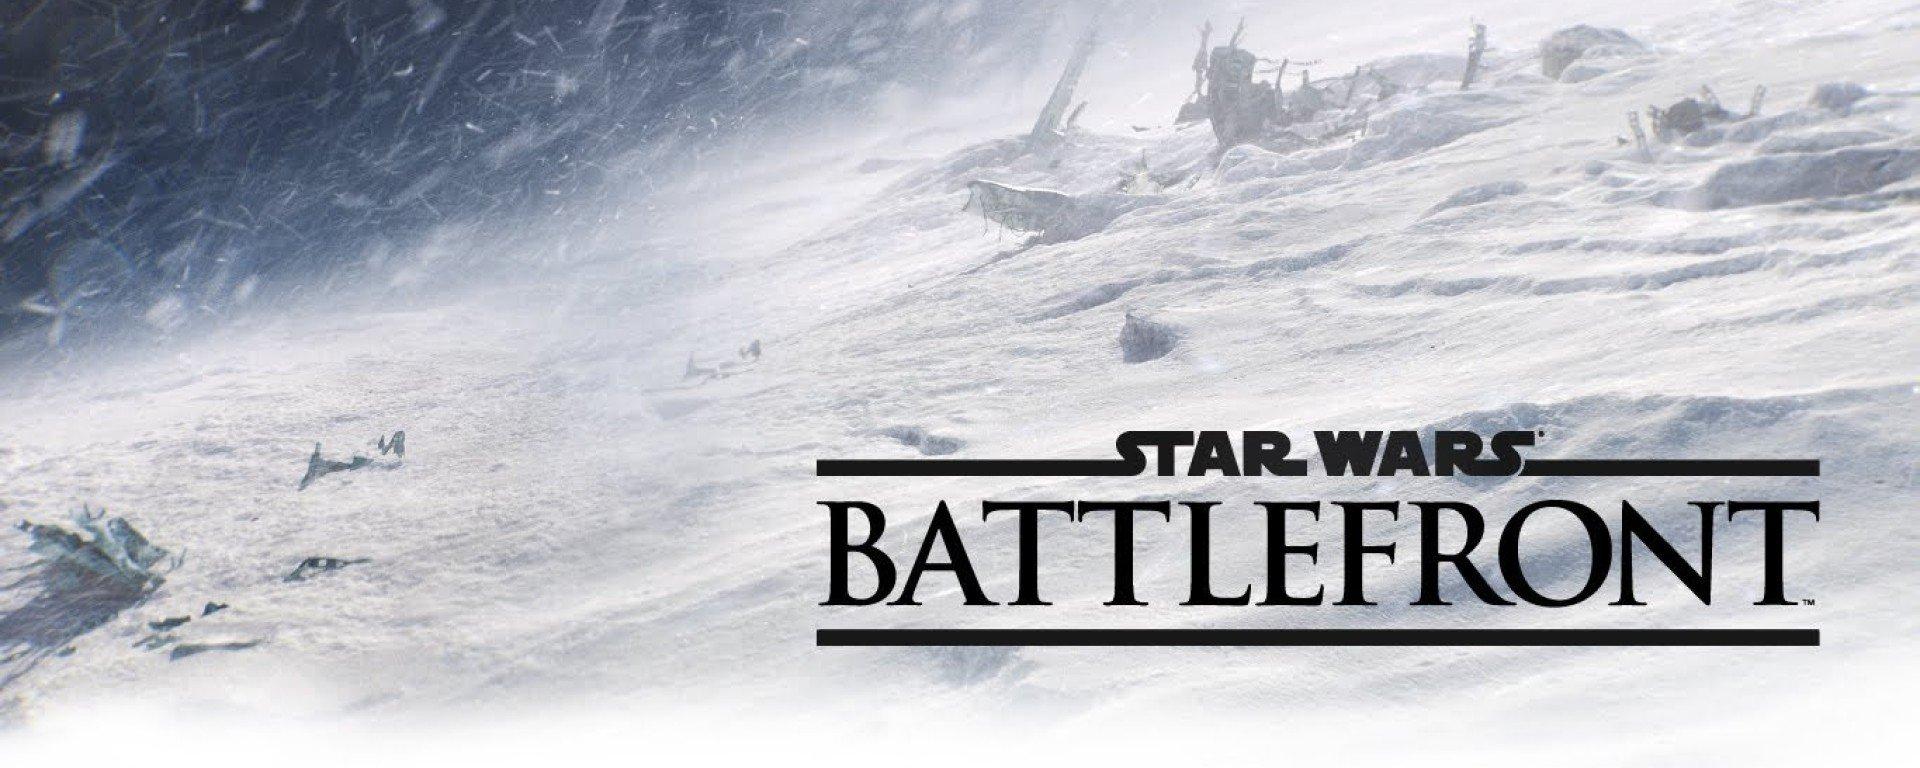 Появились минимальные системные требования Star Wars Battlefront для альфа-версии. . - Изображение 1